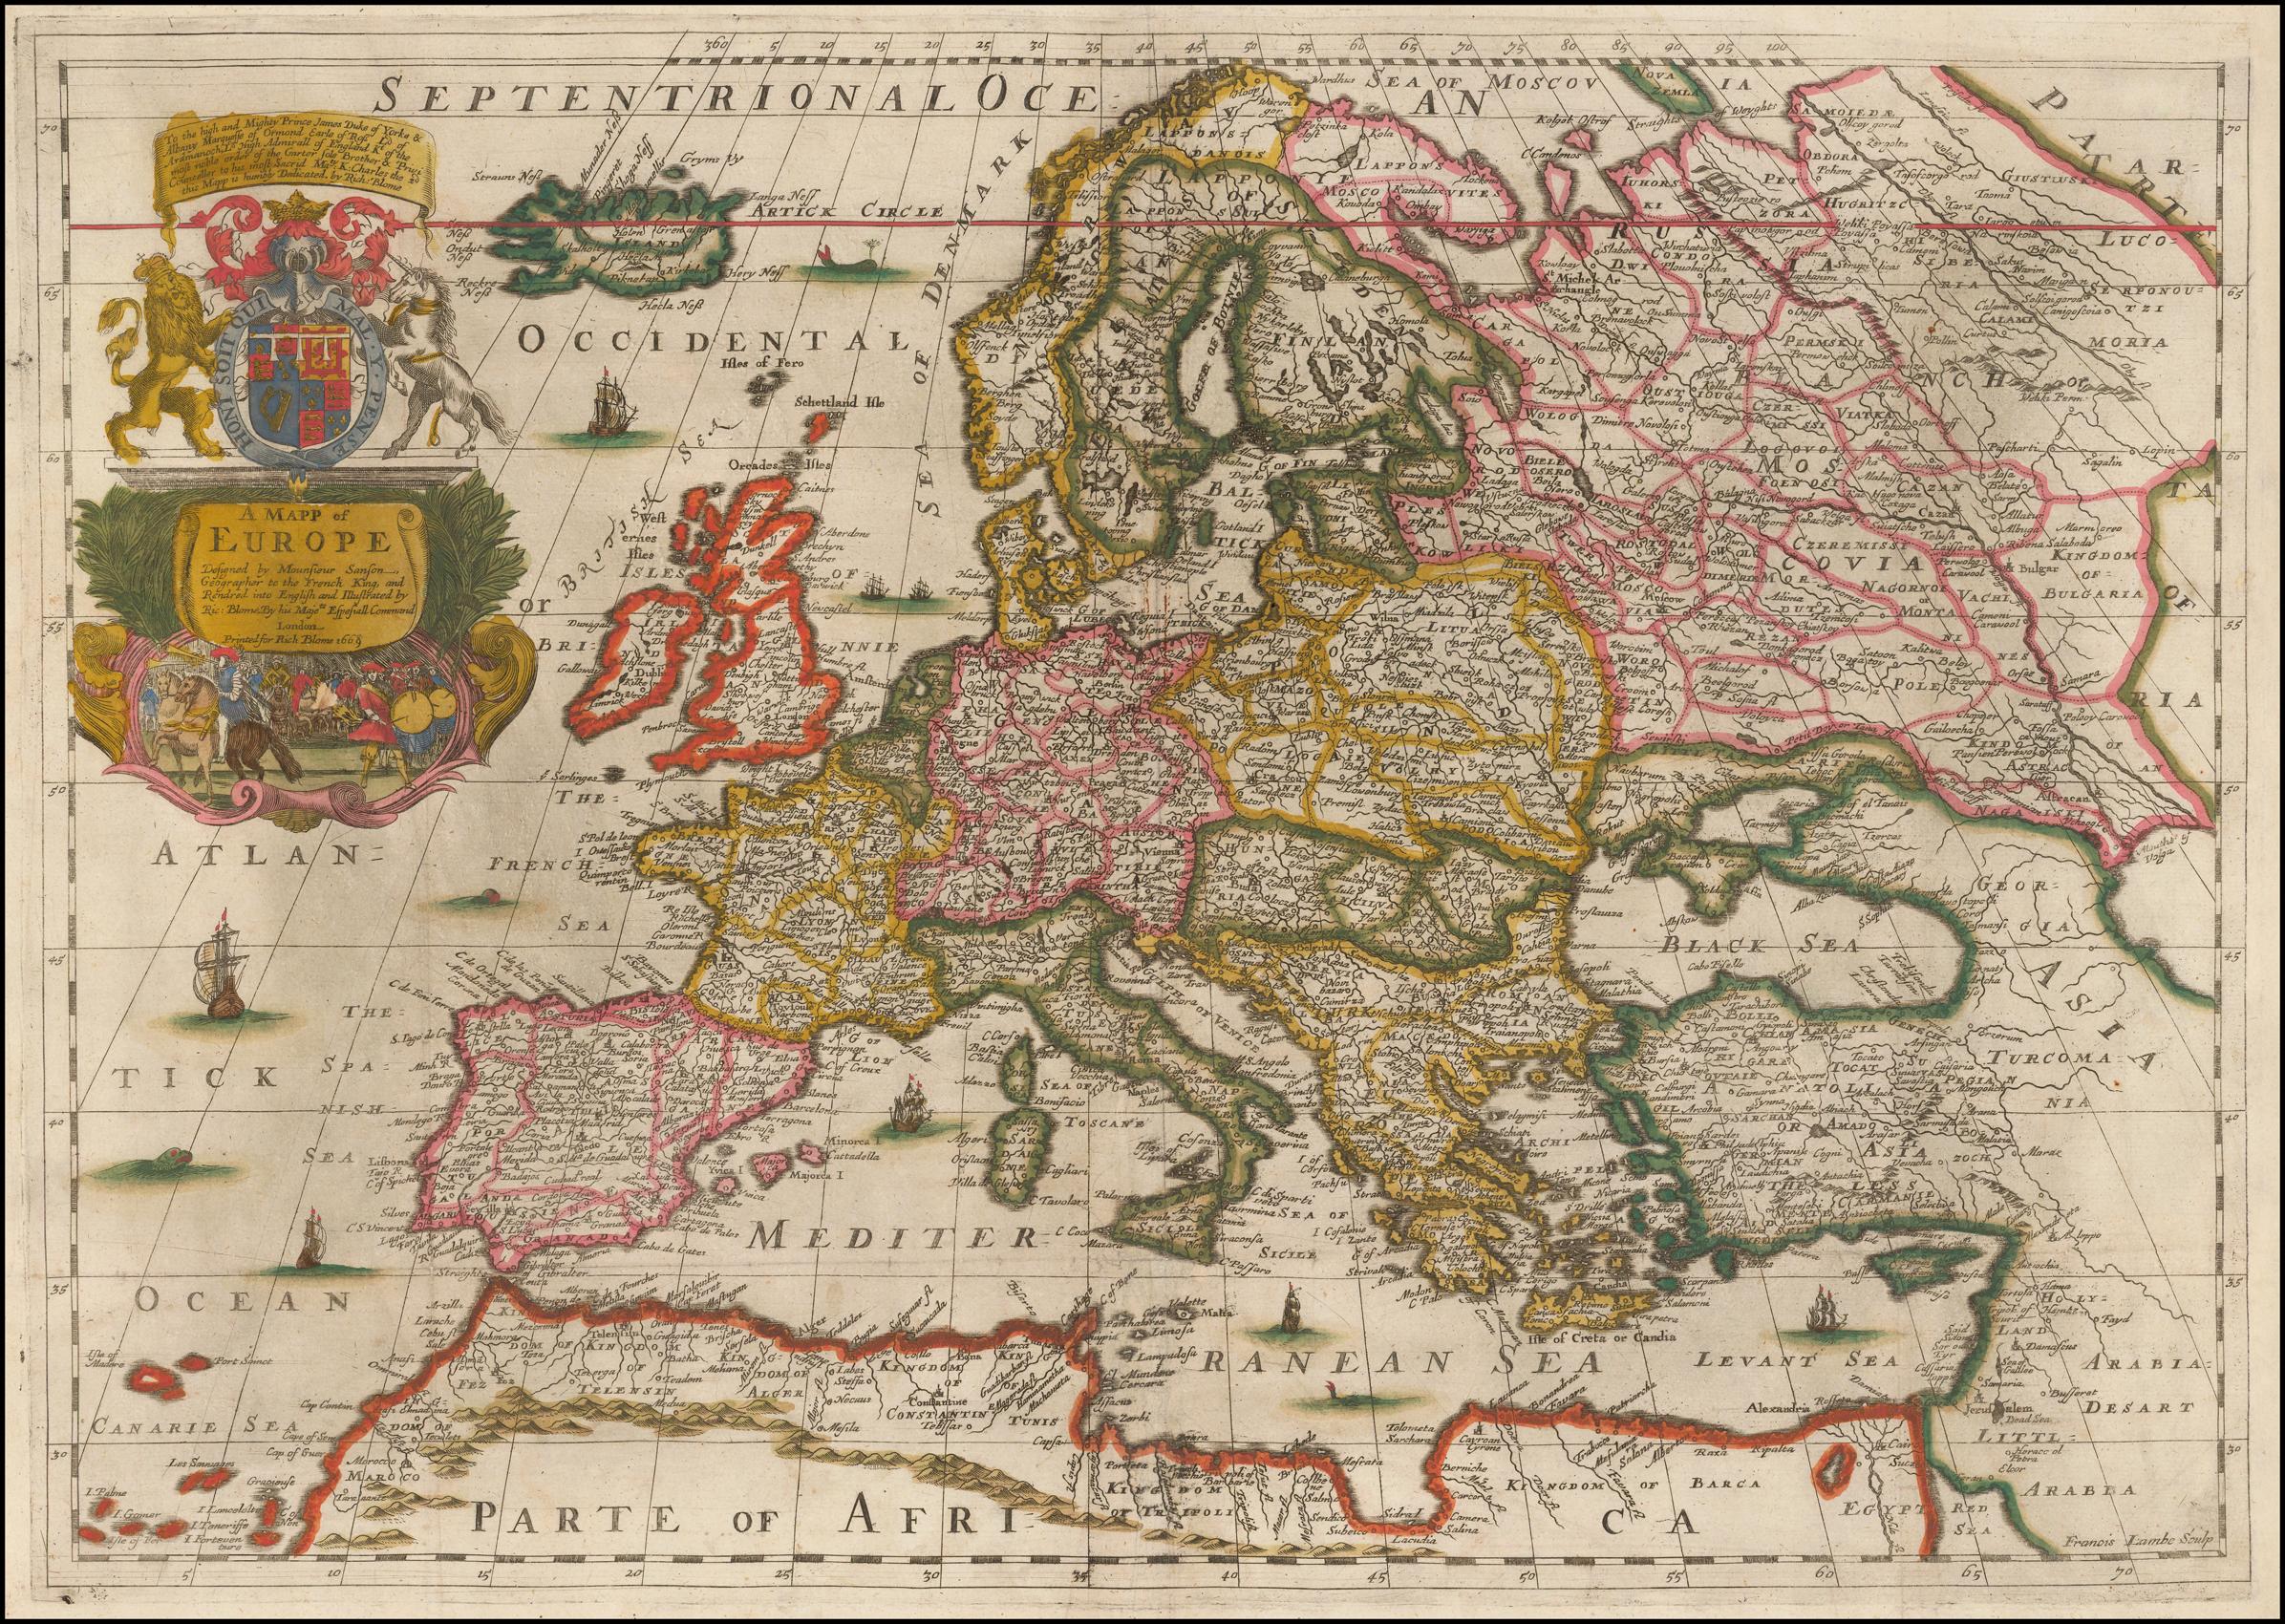 Цветная карта Европы Ричарда Блома - самая ранняя карта Европы размером с фолиант, которая была выгравирована и напечатана в Англии